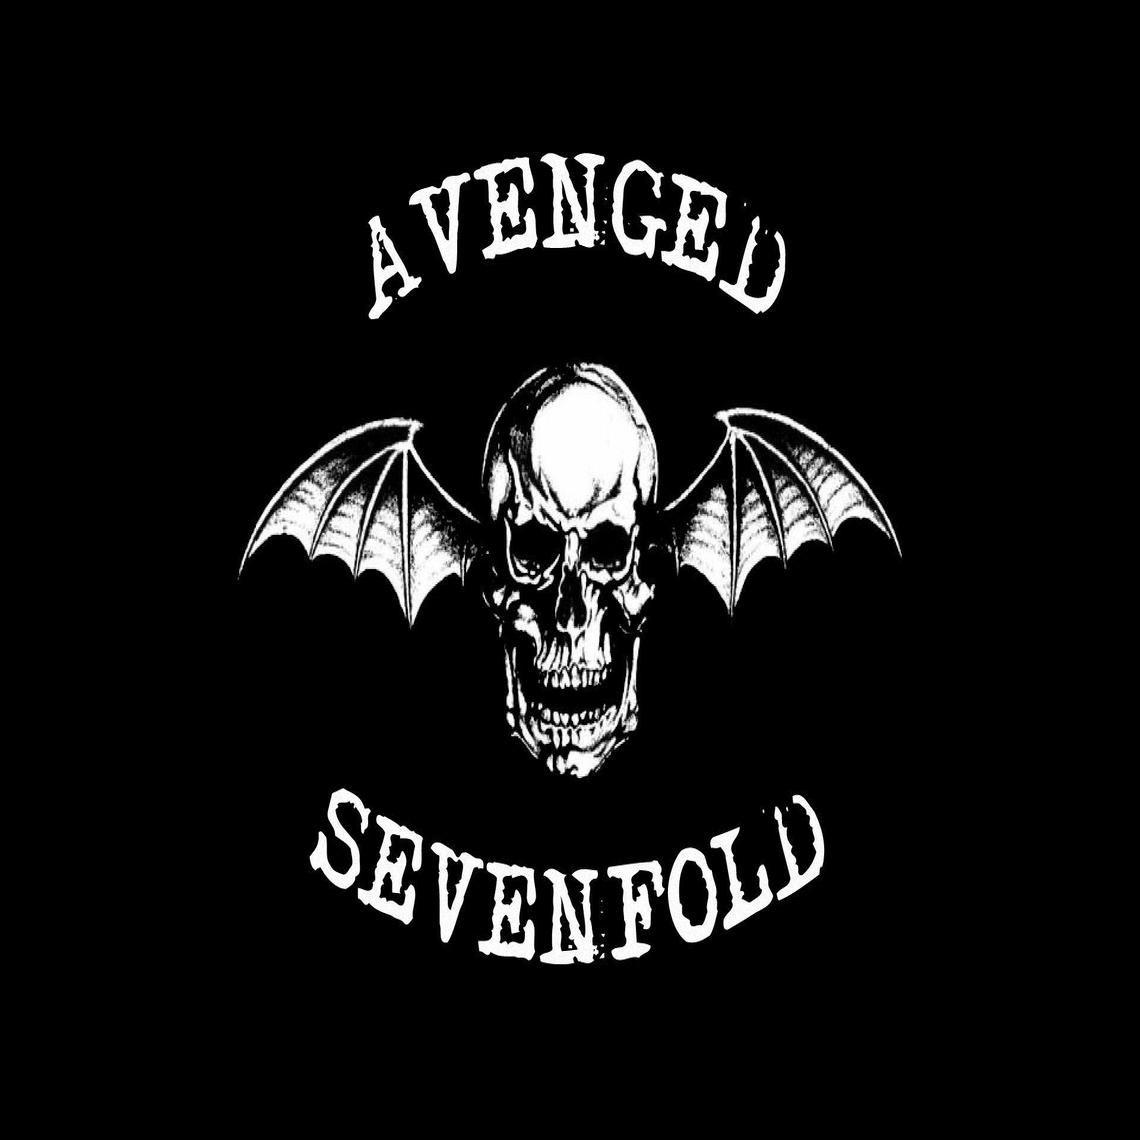 Avenged Sevenfold SevenfoldLogoWallpaperWallpaper DesktopLogosScreen